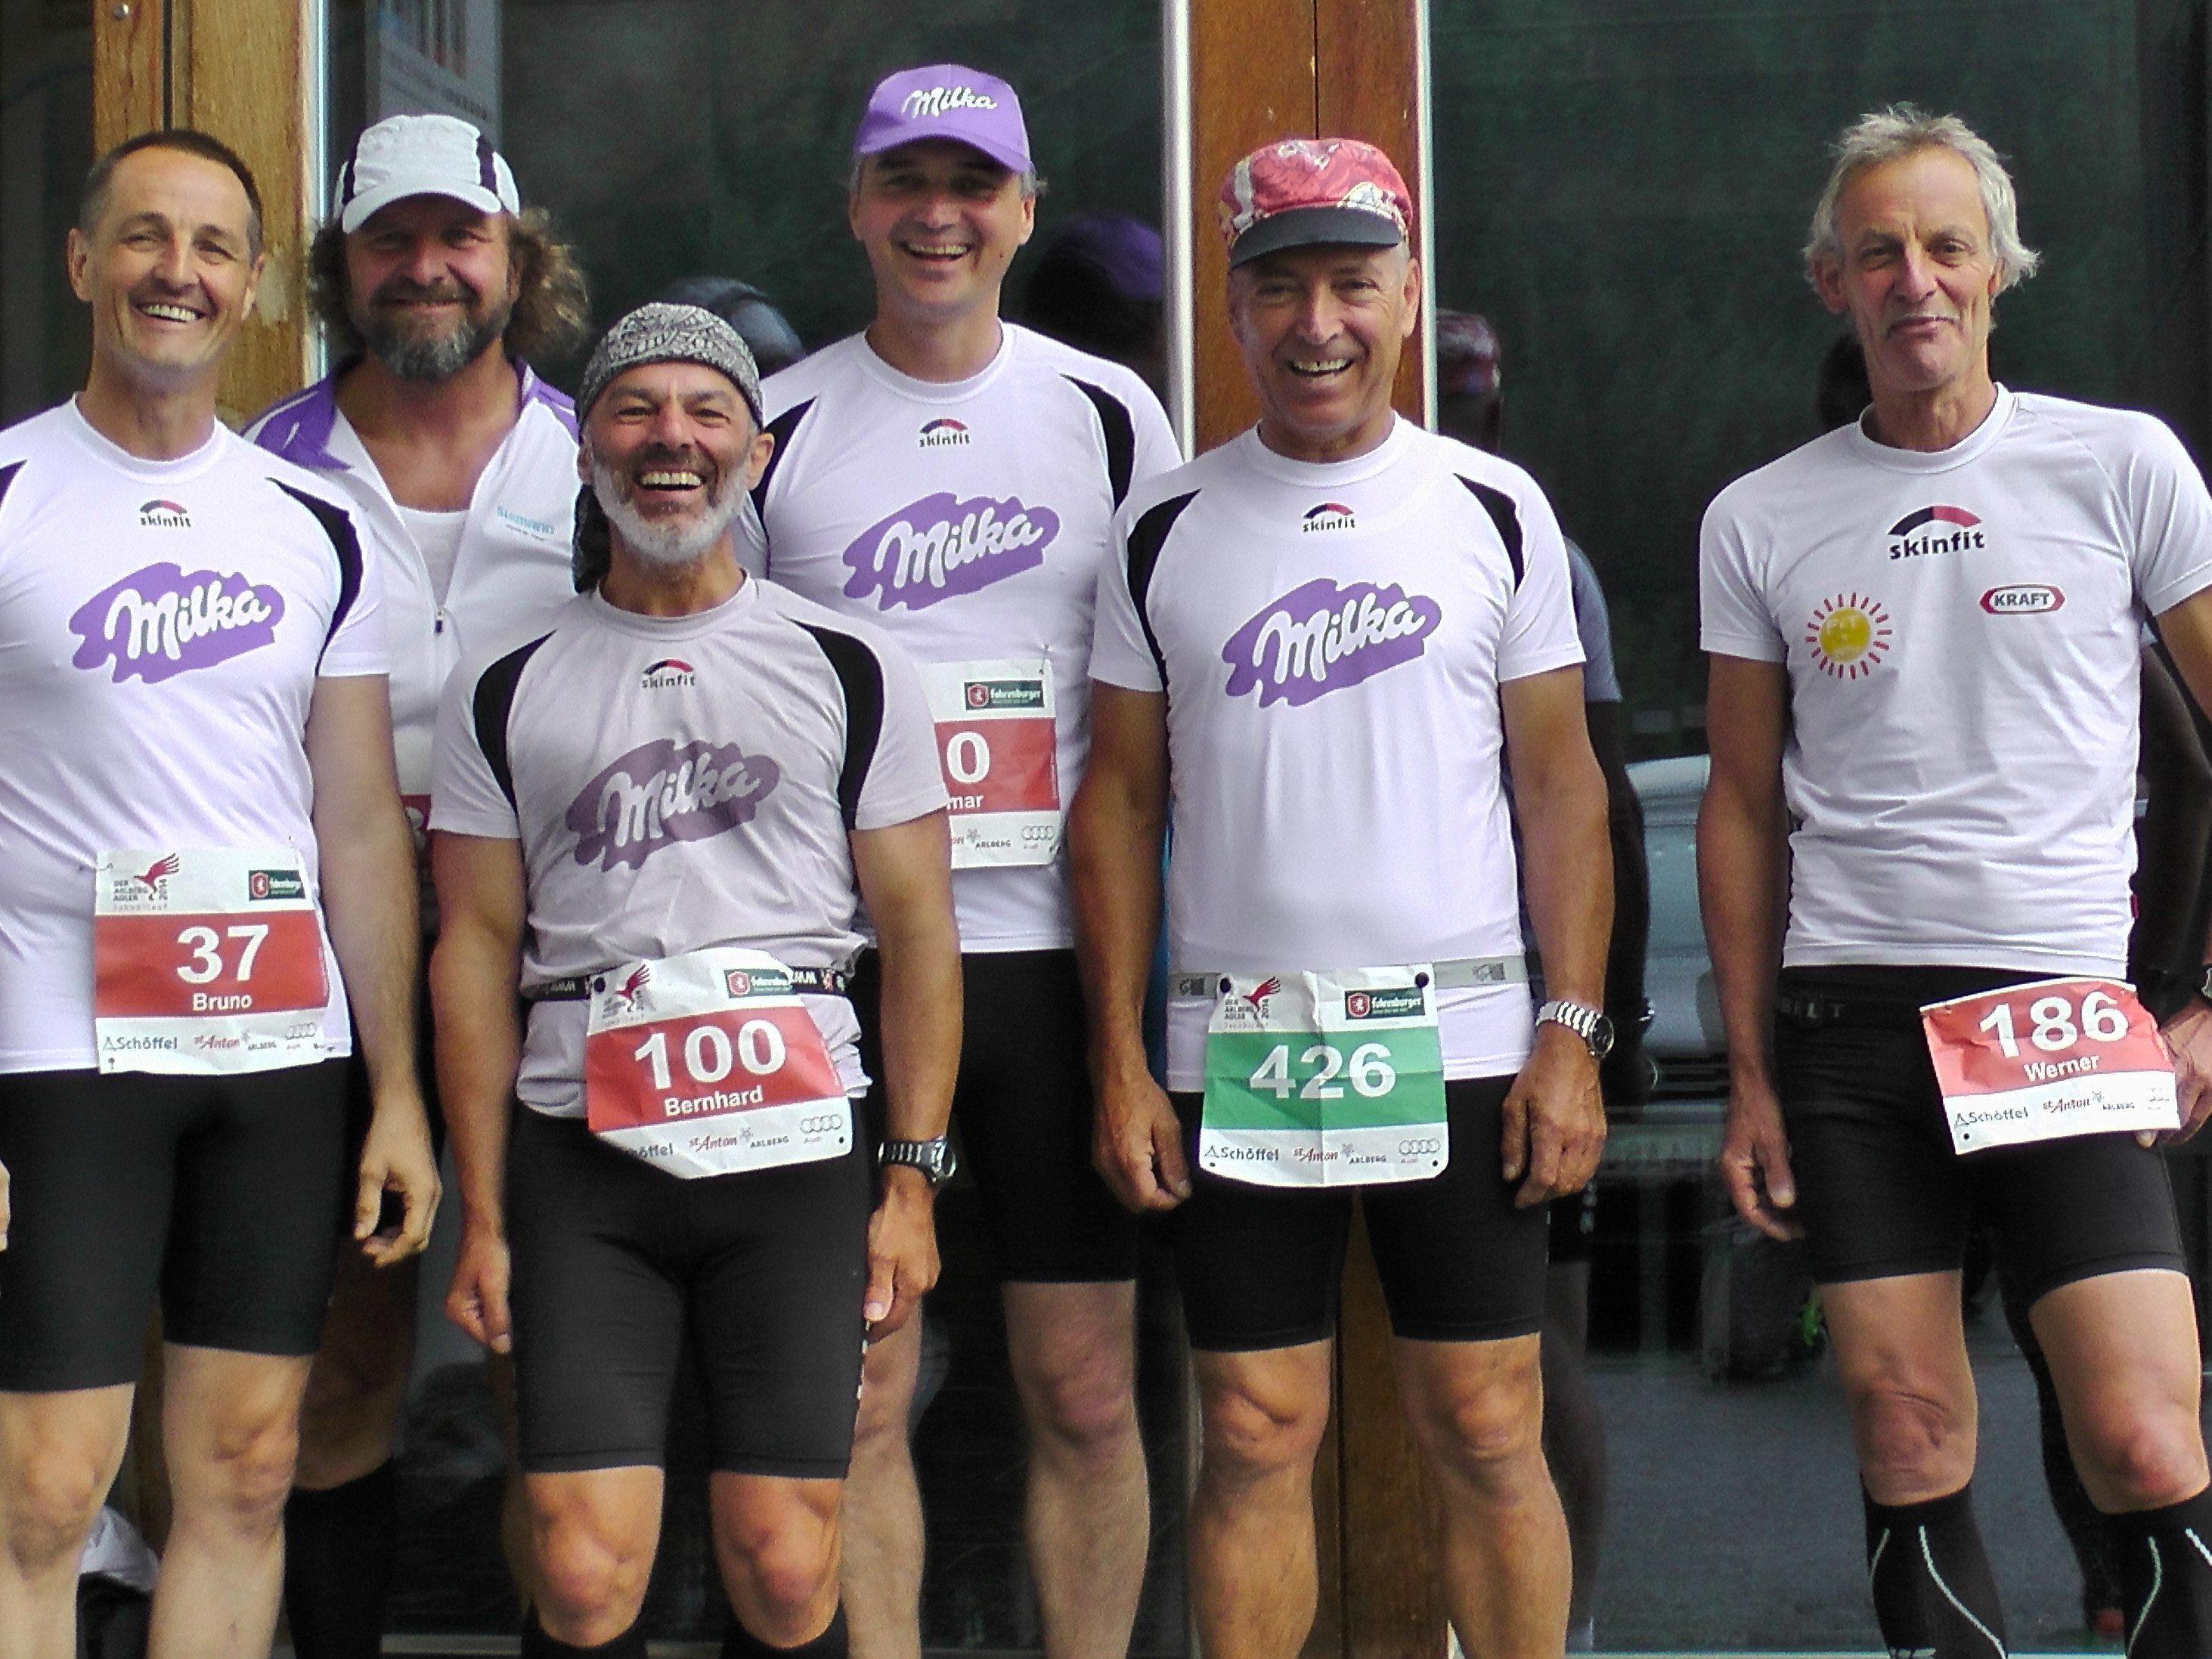 Alle Jahre wieder beim Jakobilauf - die Laufgruppe Milka.